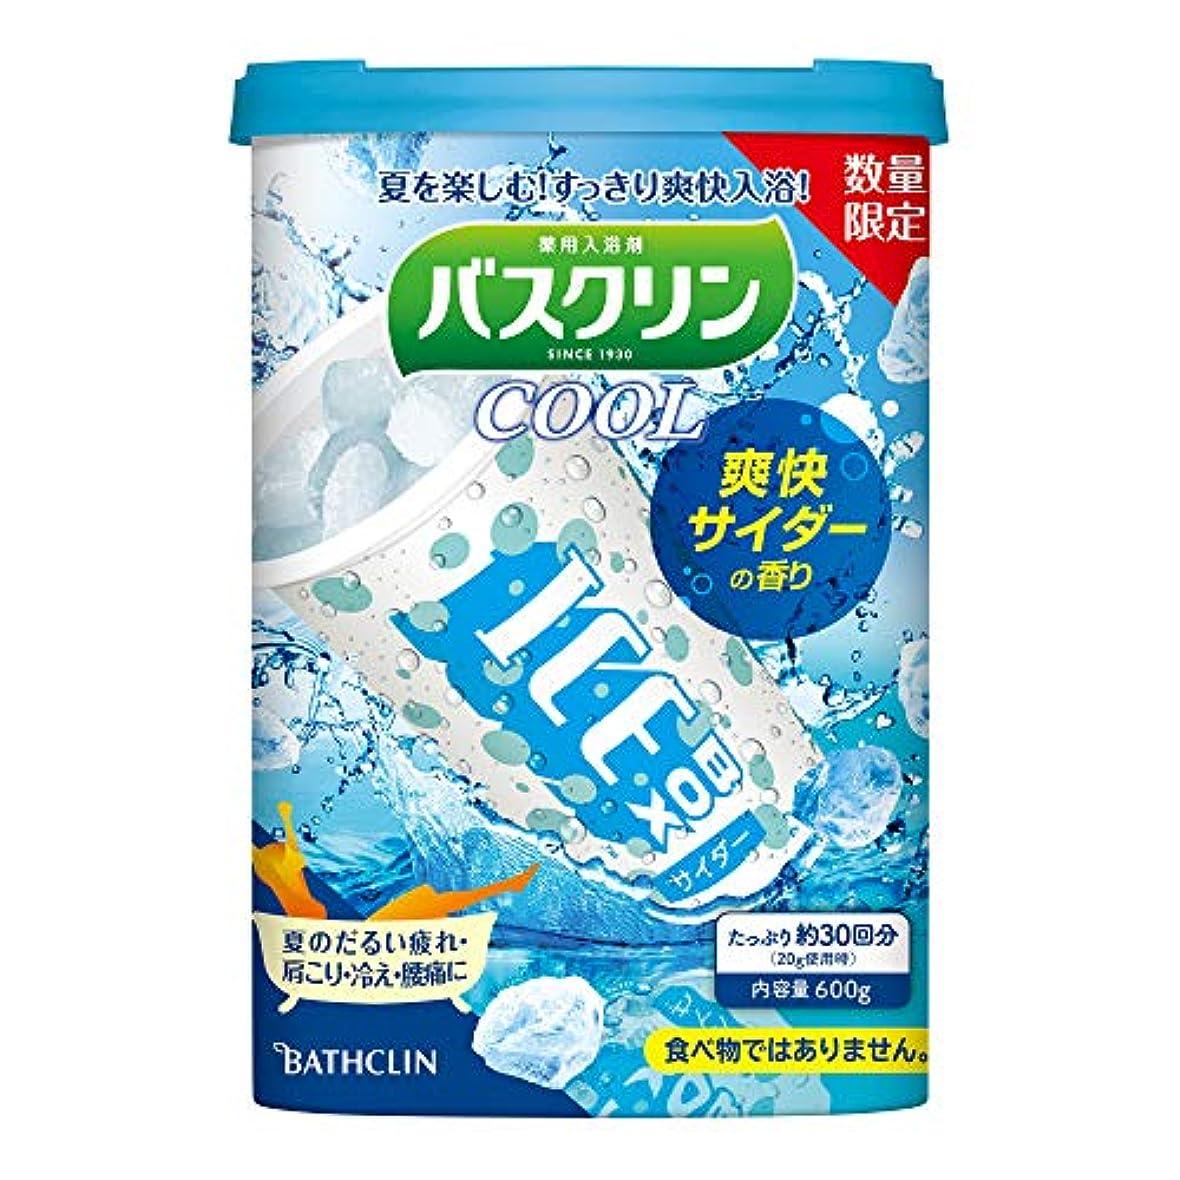 手つかずのキャンセルカプセル【医薬部外品/数量限定品】バスクリンクール入浴剤 ICEBOX爽快サイダーの香り 600g(約30回分) クール入浴剤 すっきりさわやか